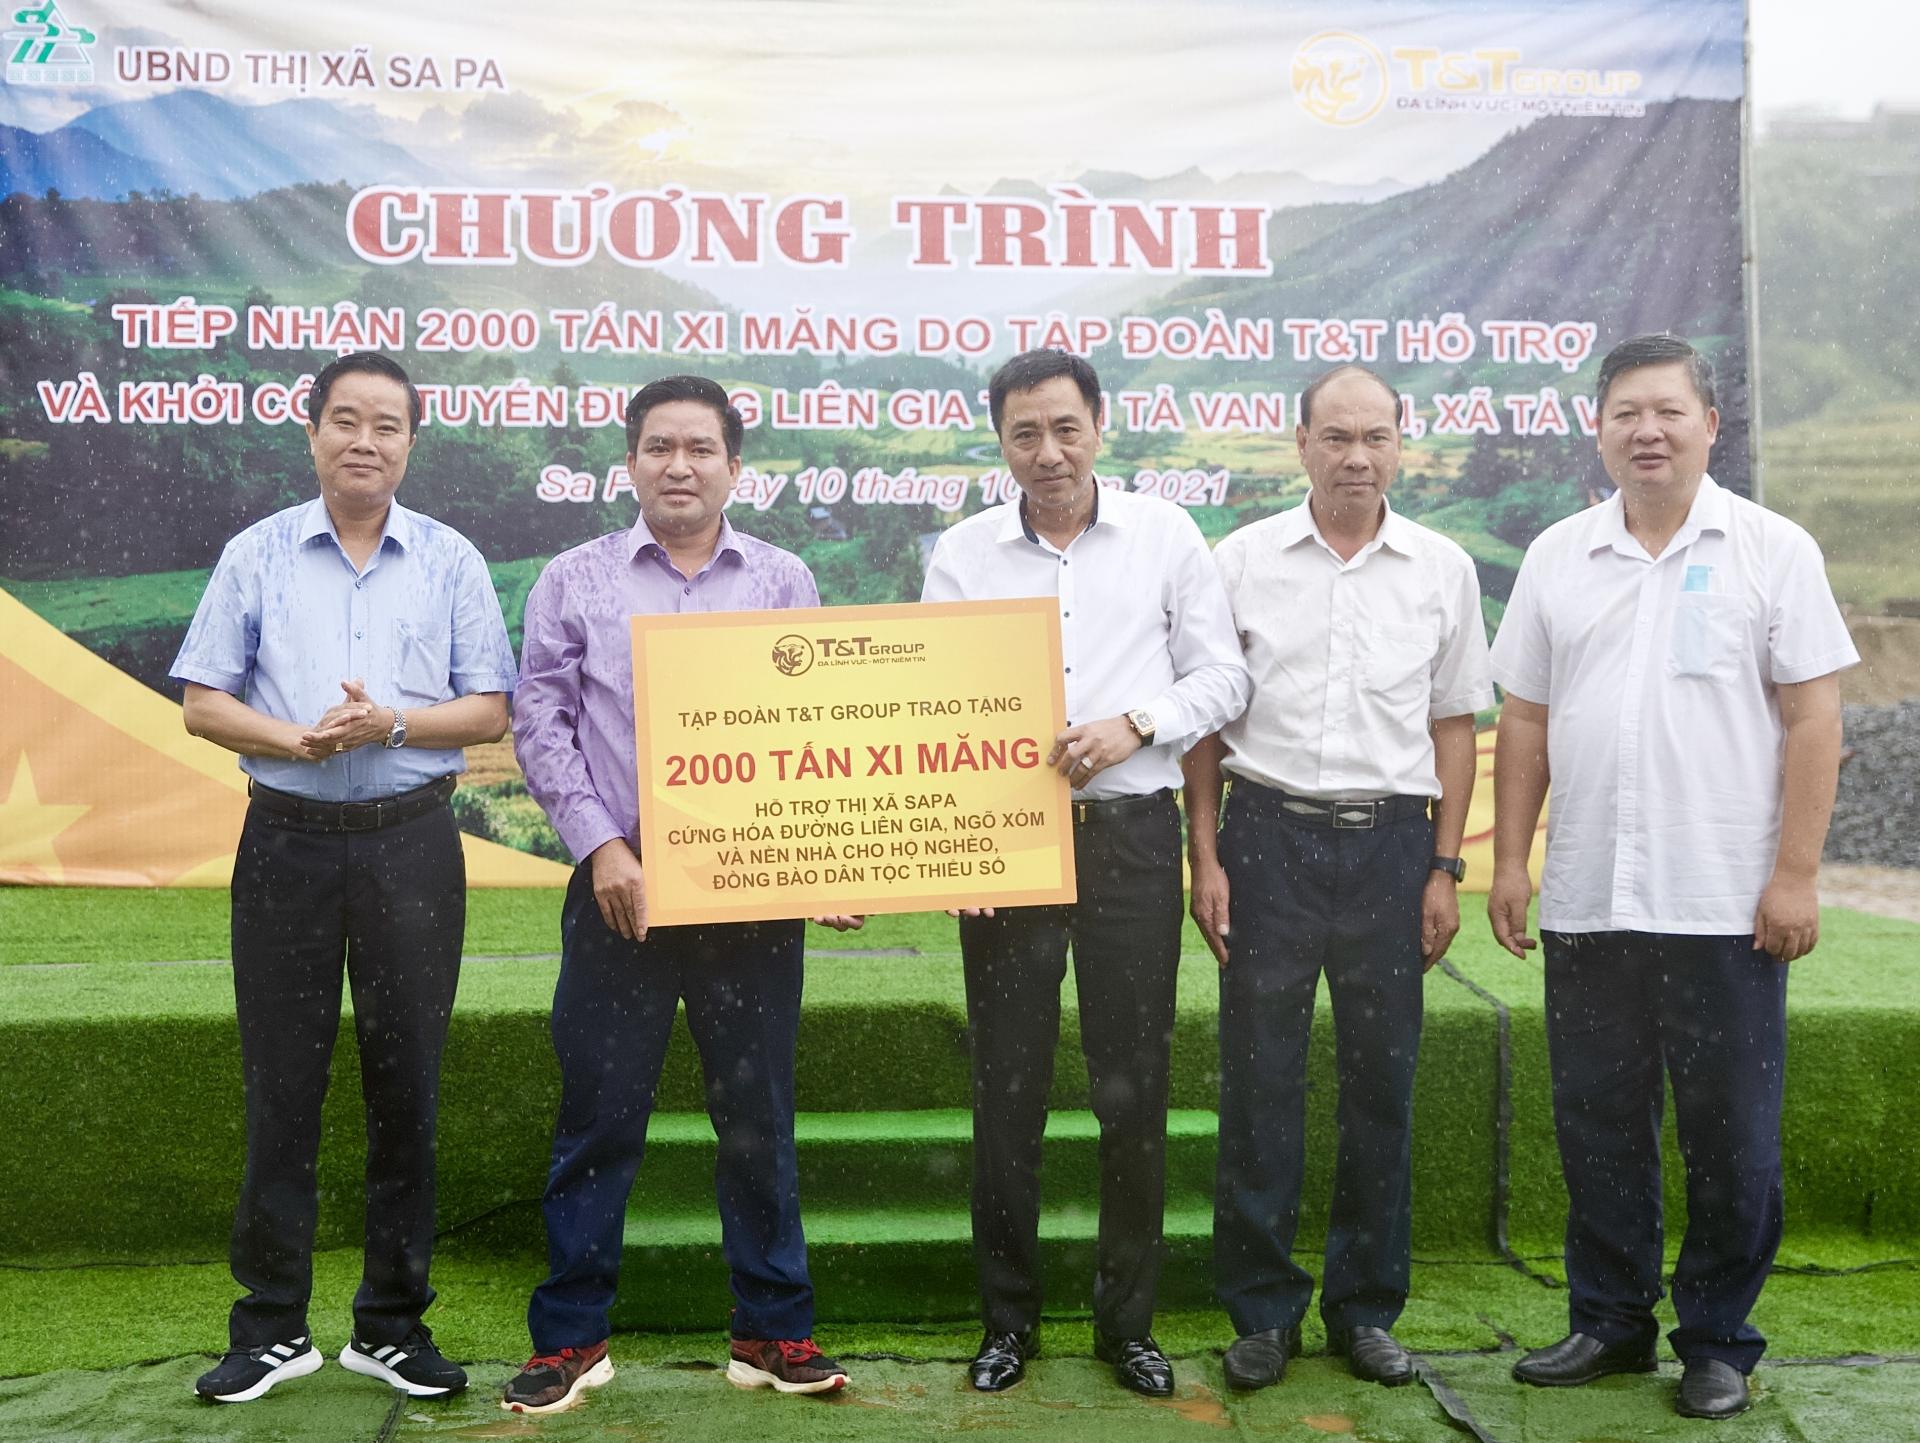 T&T Group trao tặng 2.000 tấn xi măng hỗ trợ thị xã Sa Pa cứng hóa nền nhà và làm đường